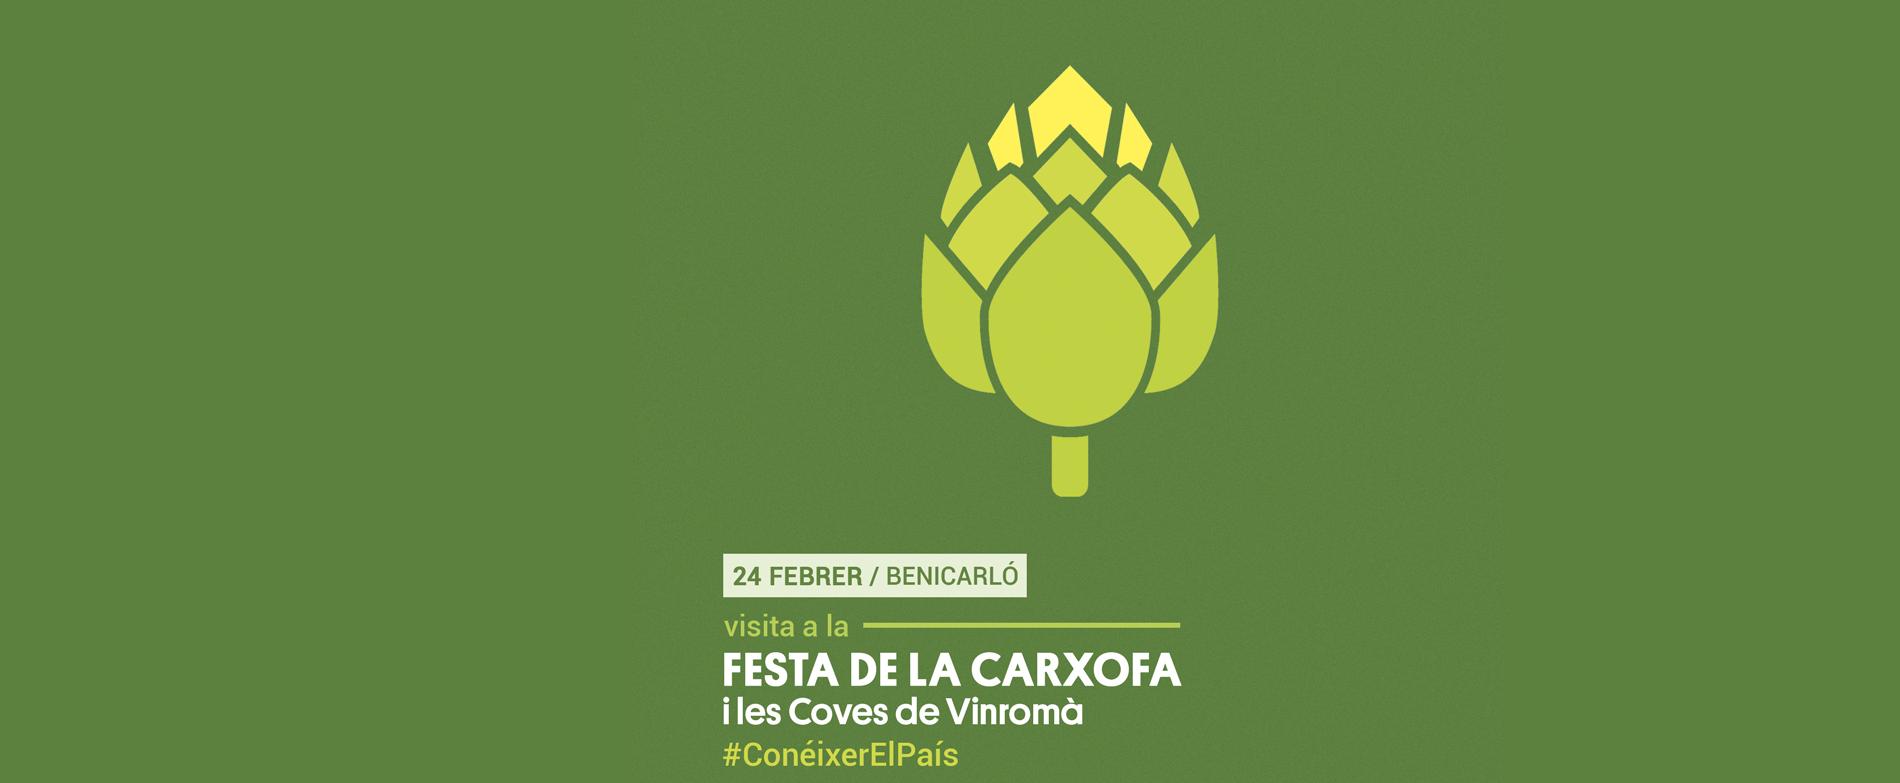 Visita a la Festa de la Carxofa i les trinxeres de les Conves de Vinromà